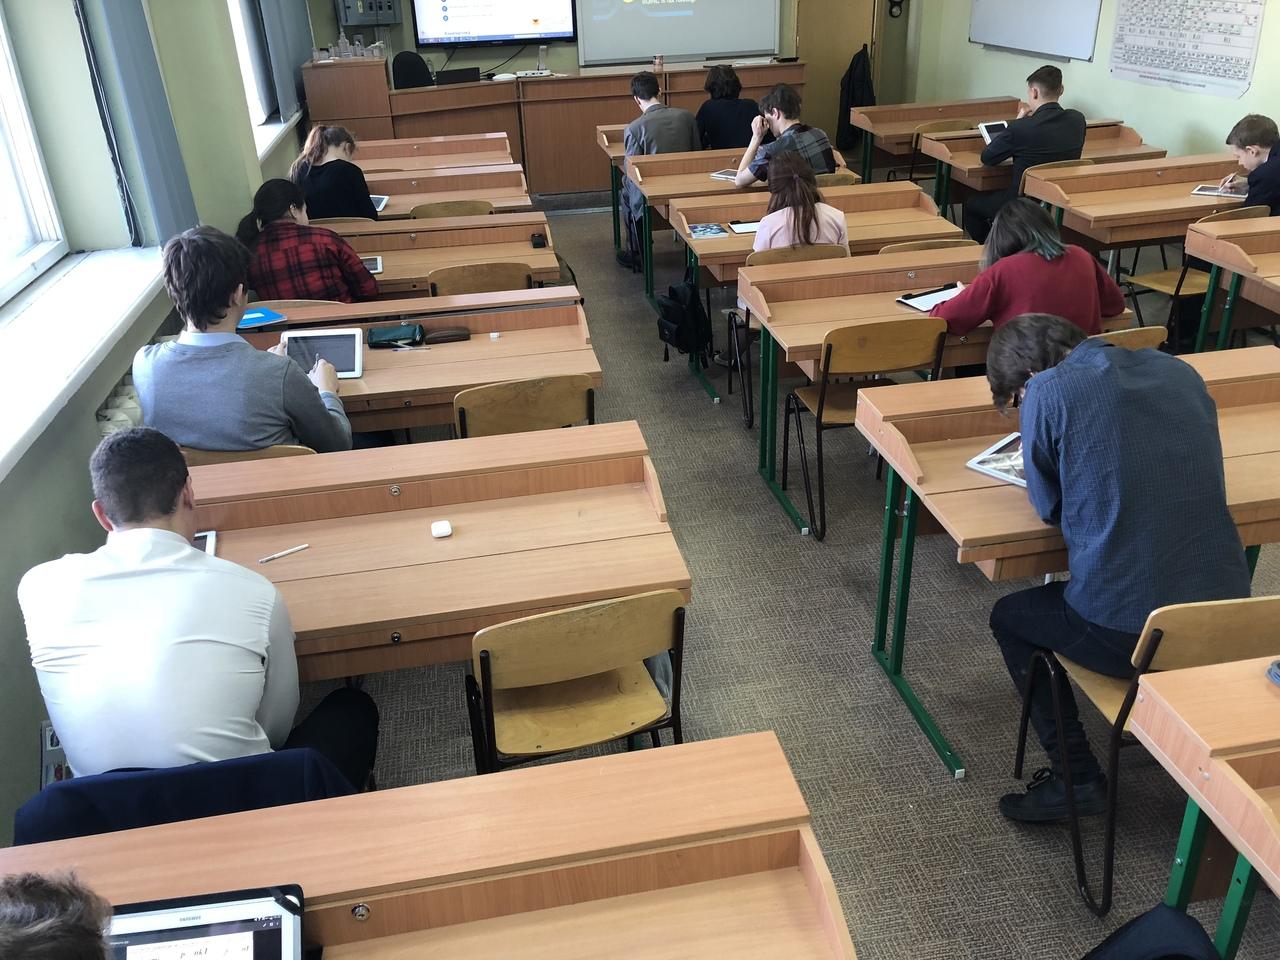 Тестирование в программе Mythware Classroom